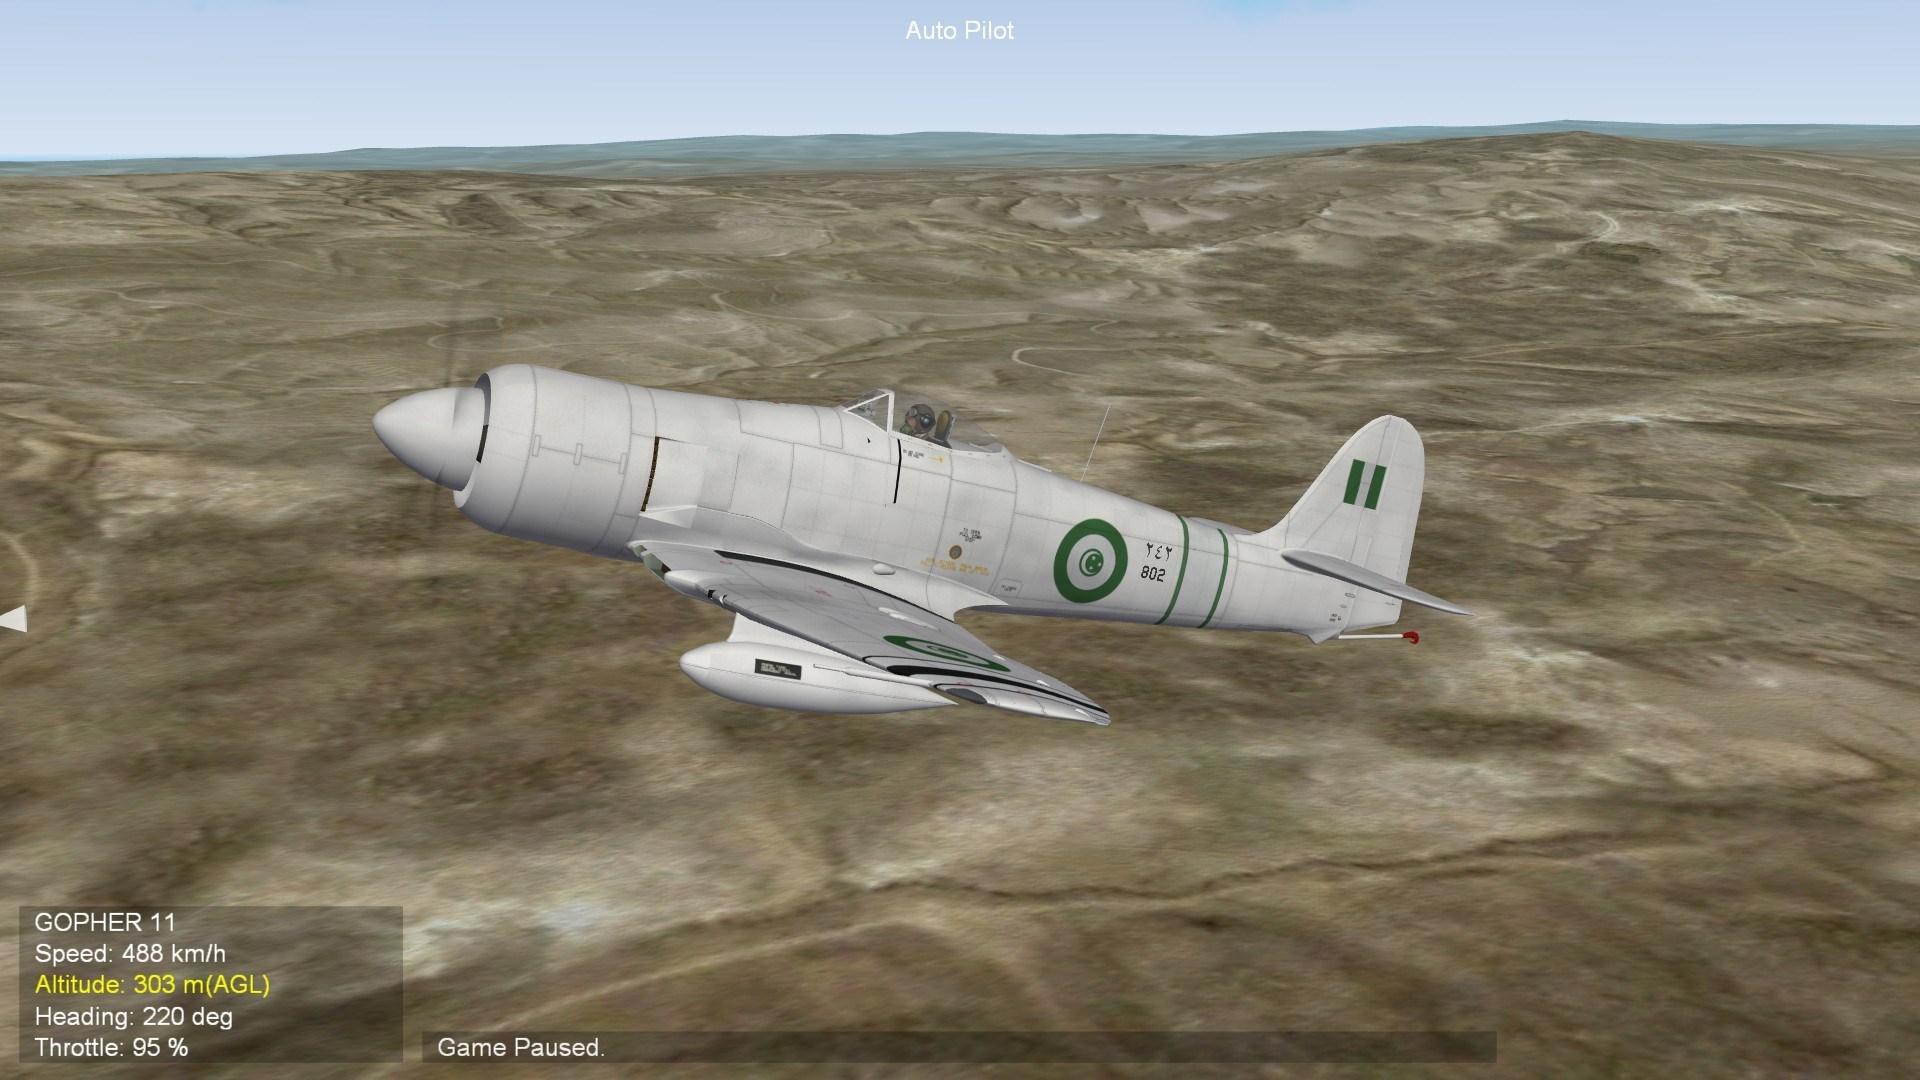 Hawker Sea Fury skin pack